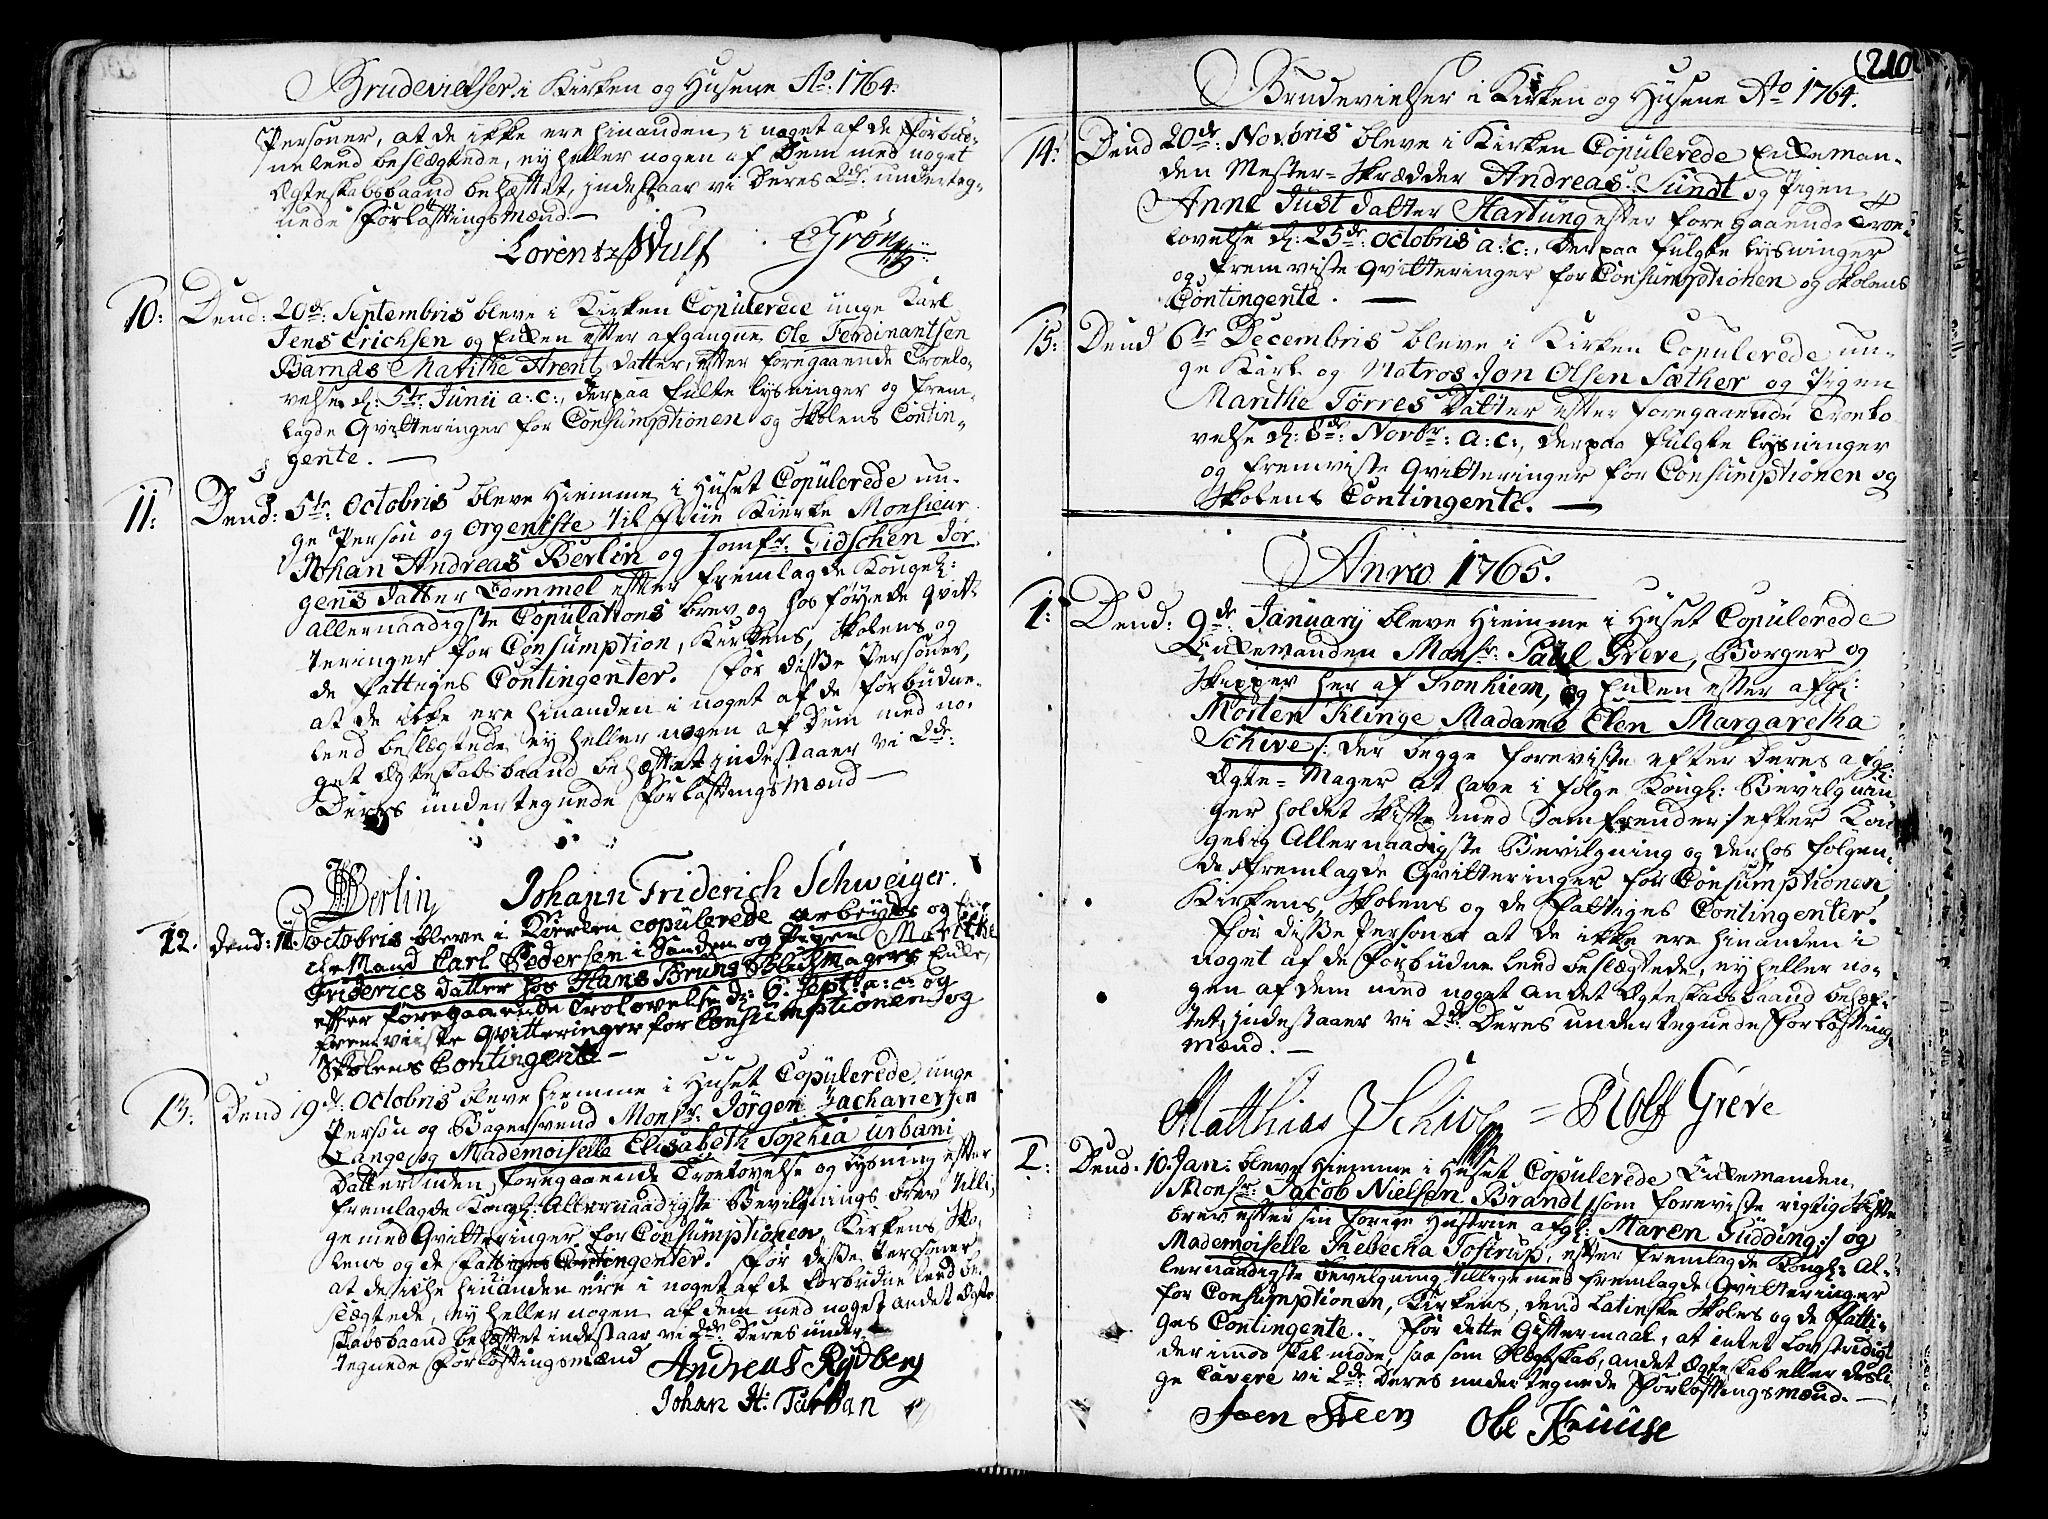 SAT, Ministerialprotokoller, klokkerbøker og fødselsregistre - Sør-Trøndelag, 602/L0103: Ministerialbok nr. 602A01, 1732-1774, s. 210